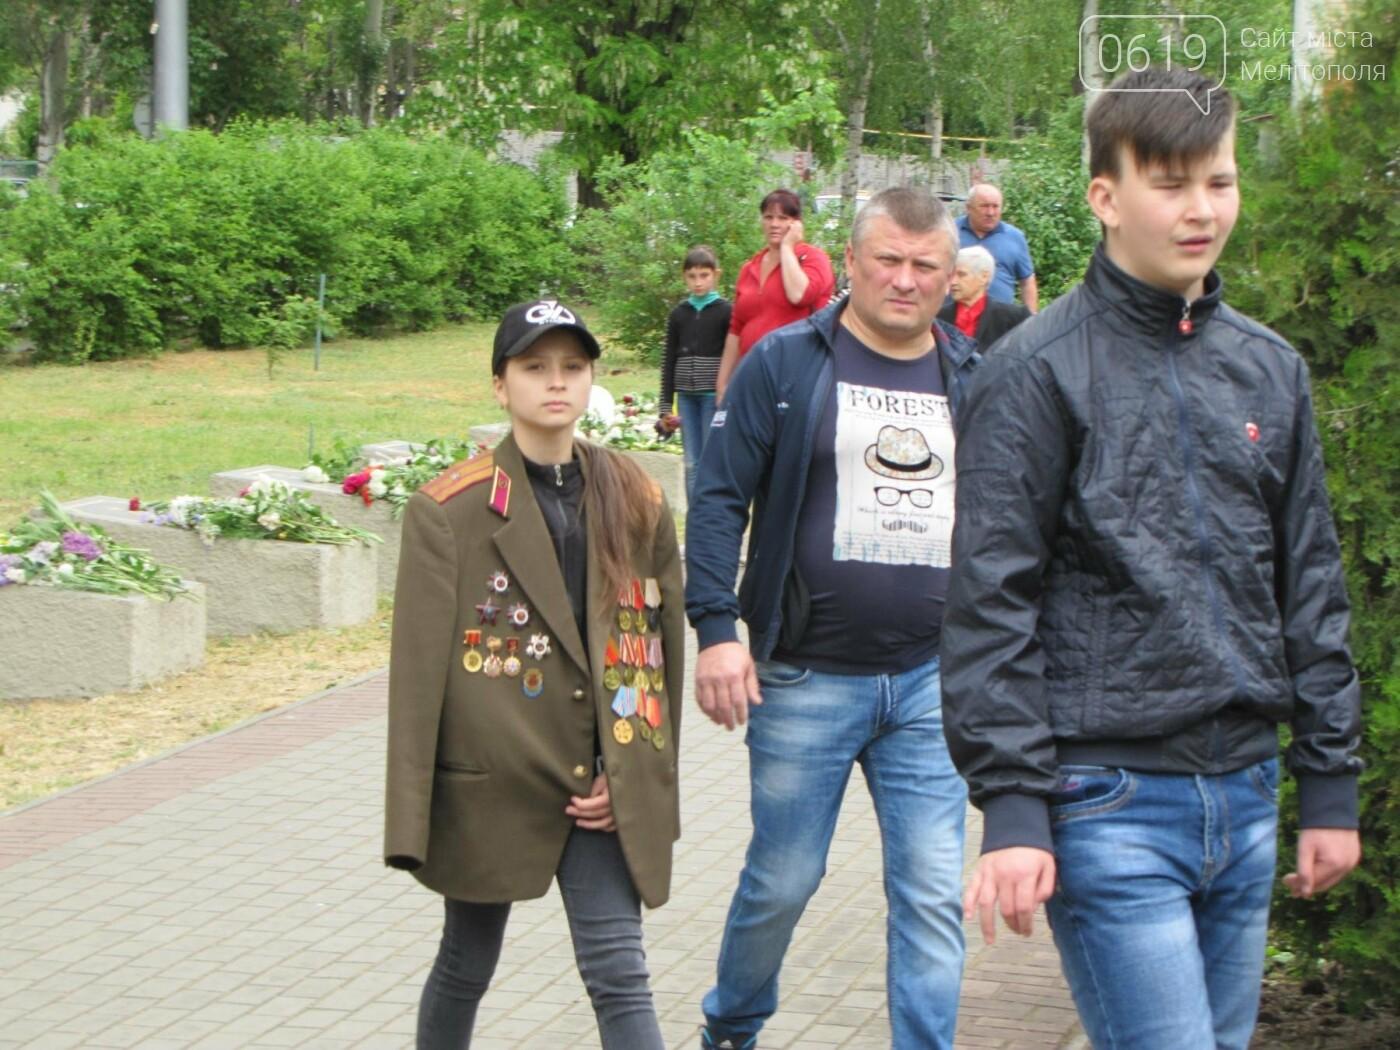 Мелитополь празднует День Победы - не обошлось без провокаторов, фото-8